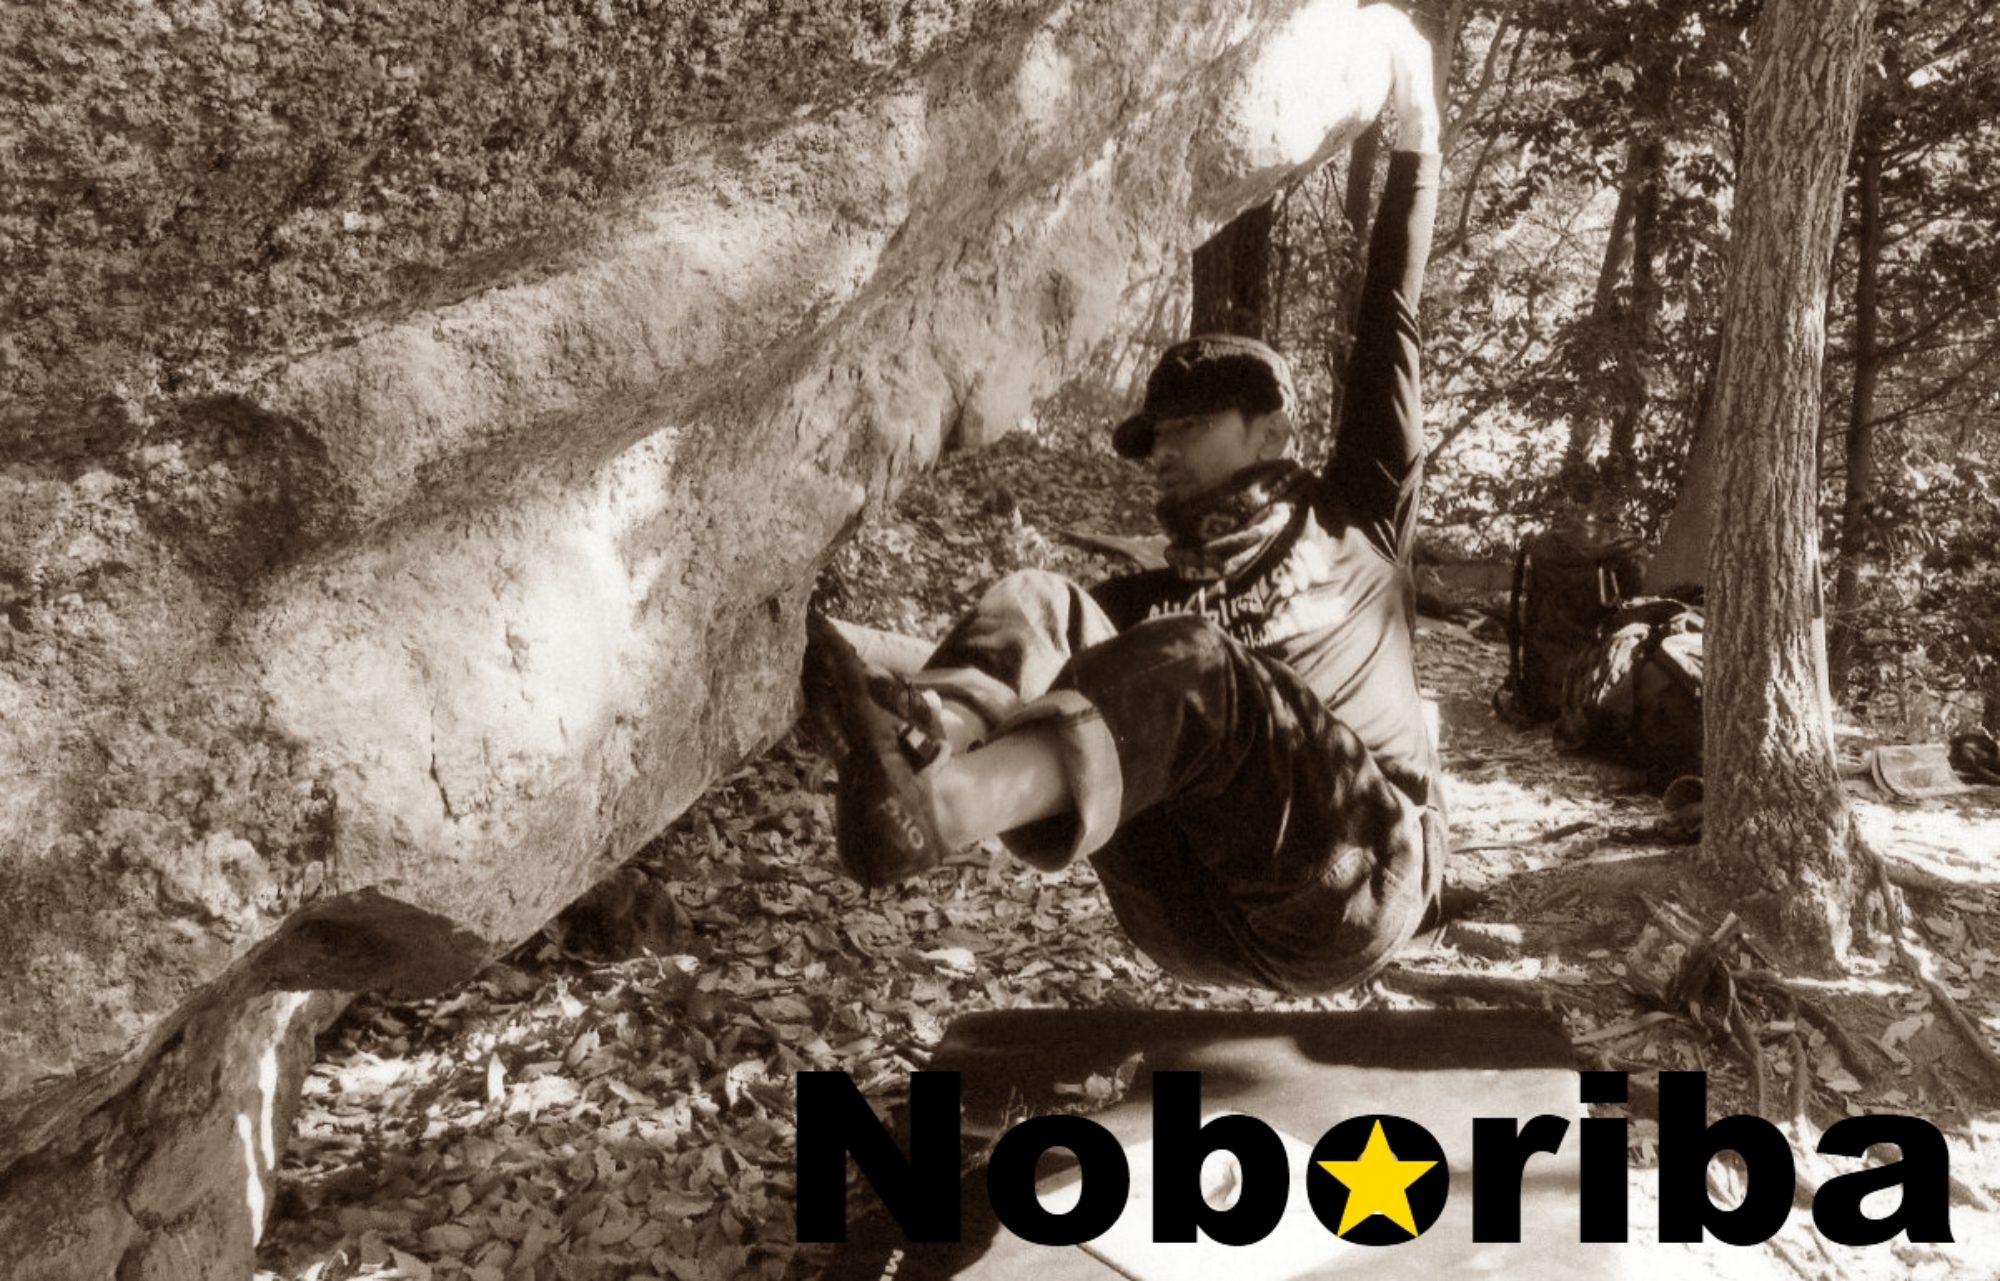 クライミング★ノボリバ